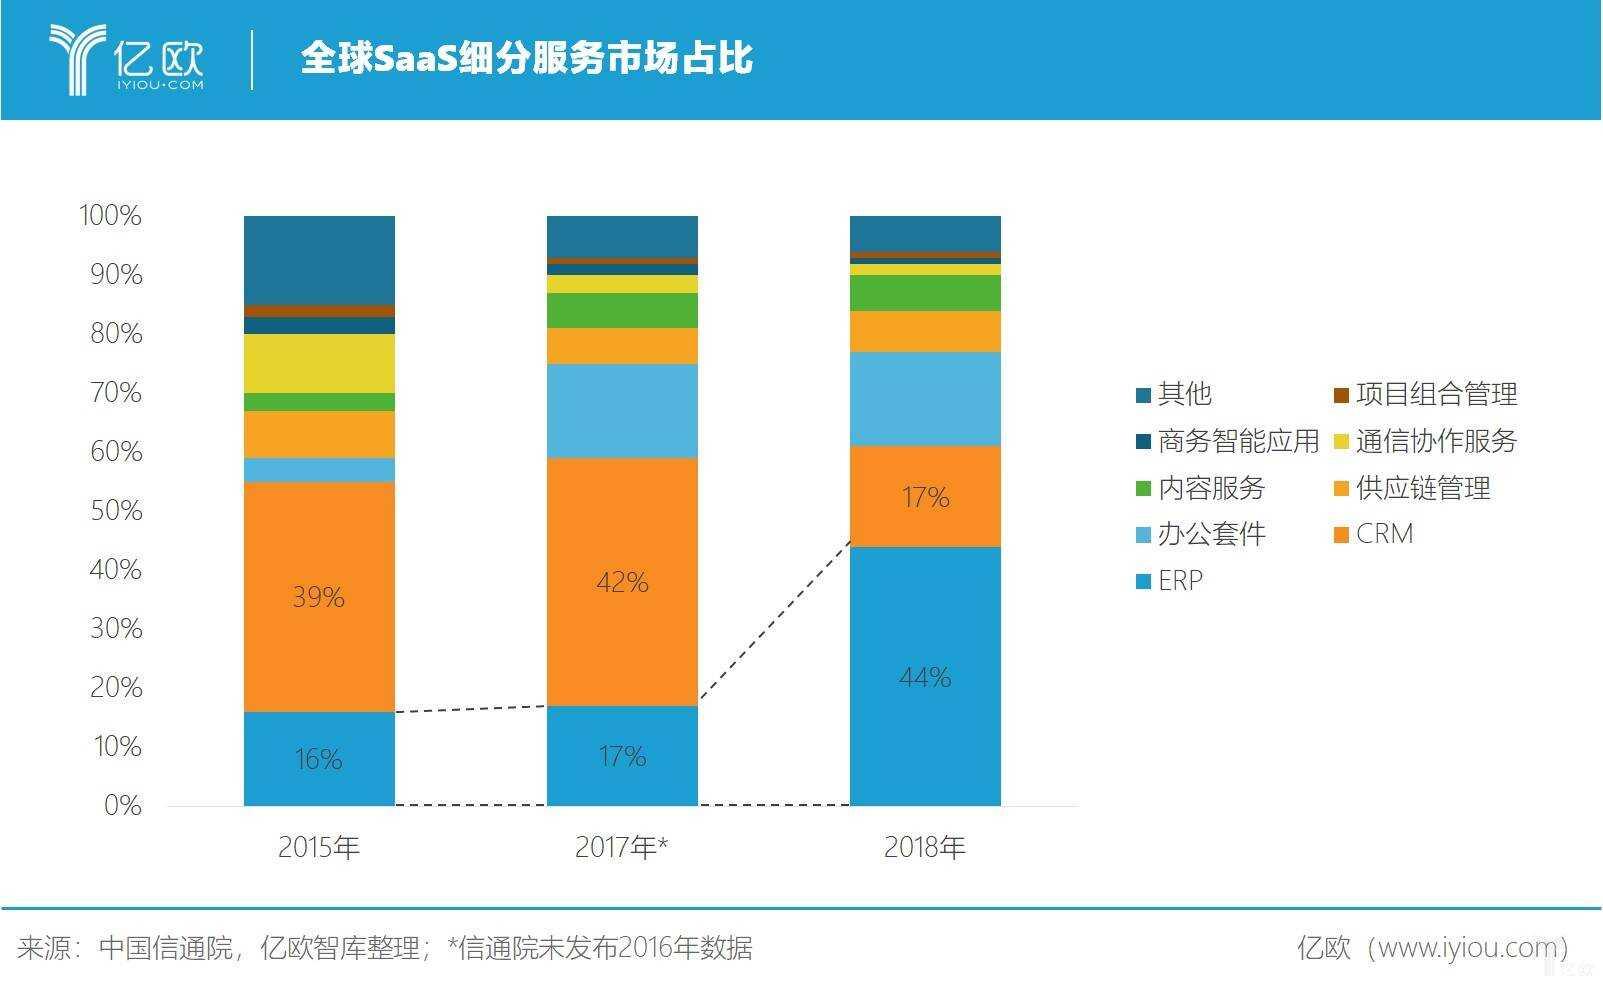 亿欧智库:全球 SaaS 细分服务市场占比